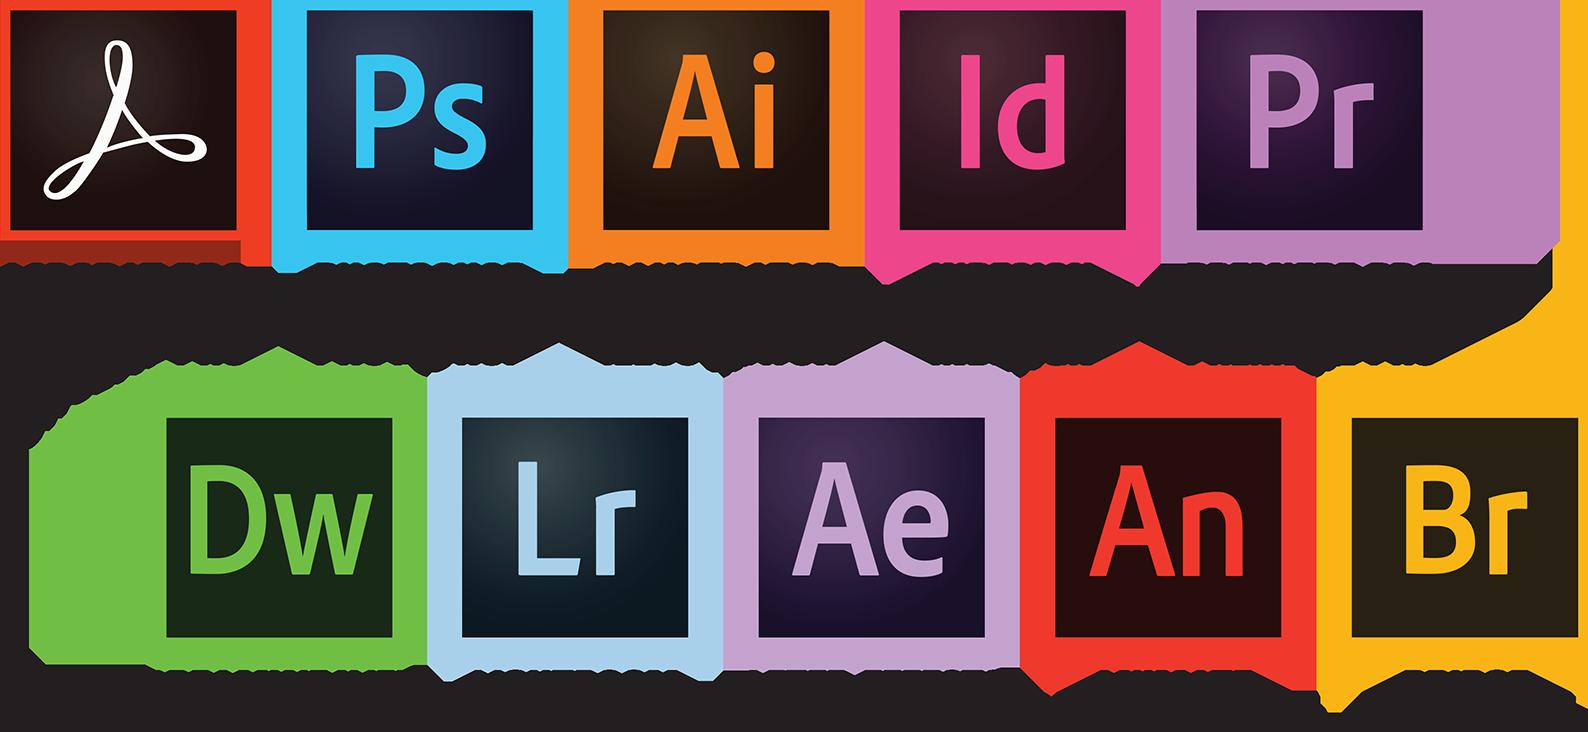 Adobe(アドビー) 価格改定